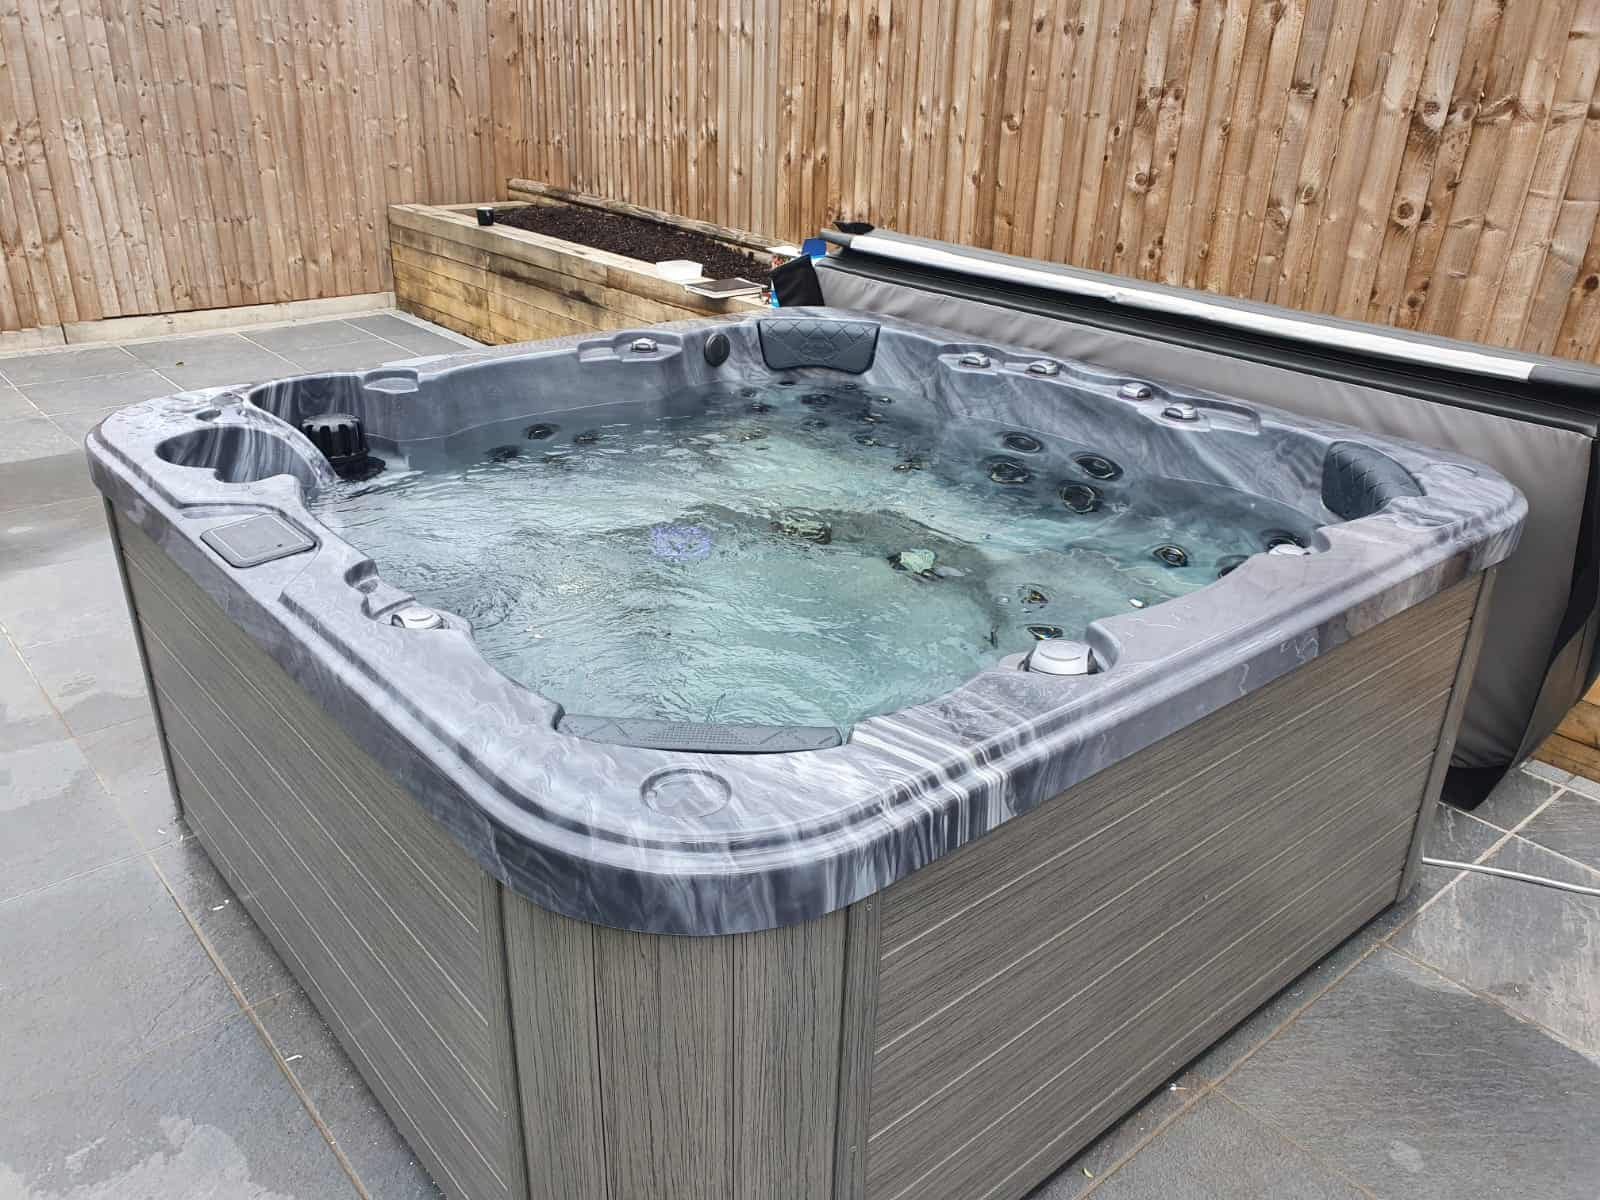 Be Well 782 Elite hot tub